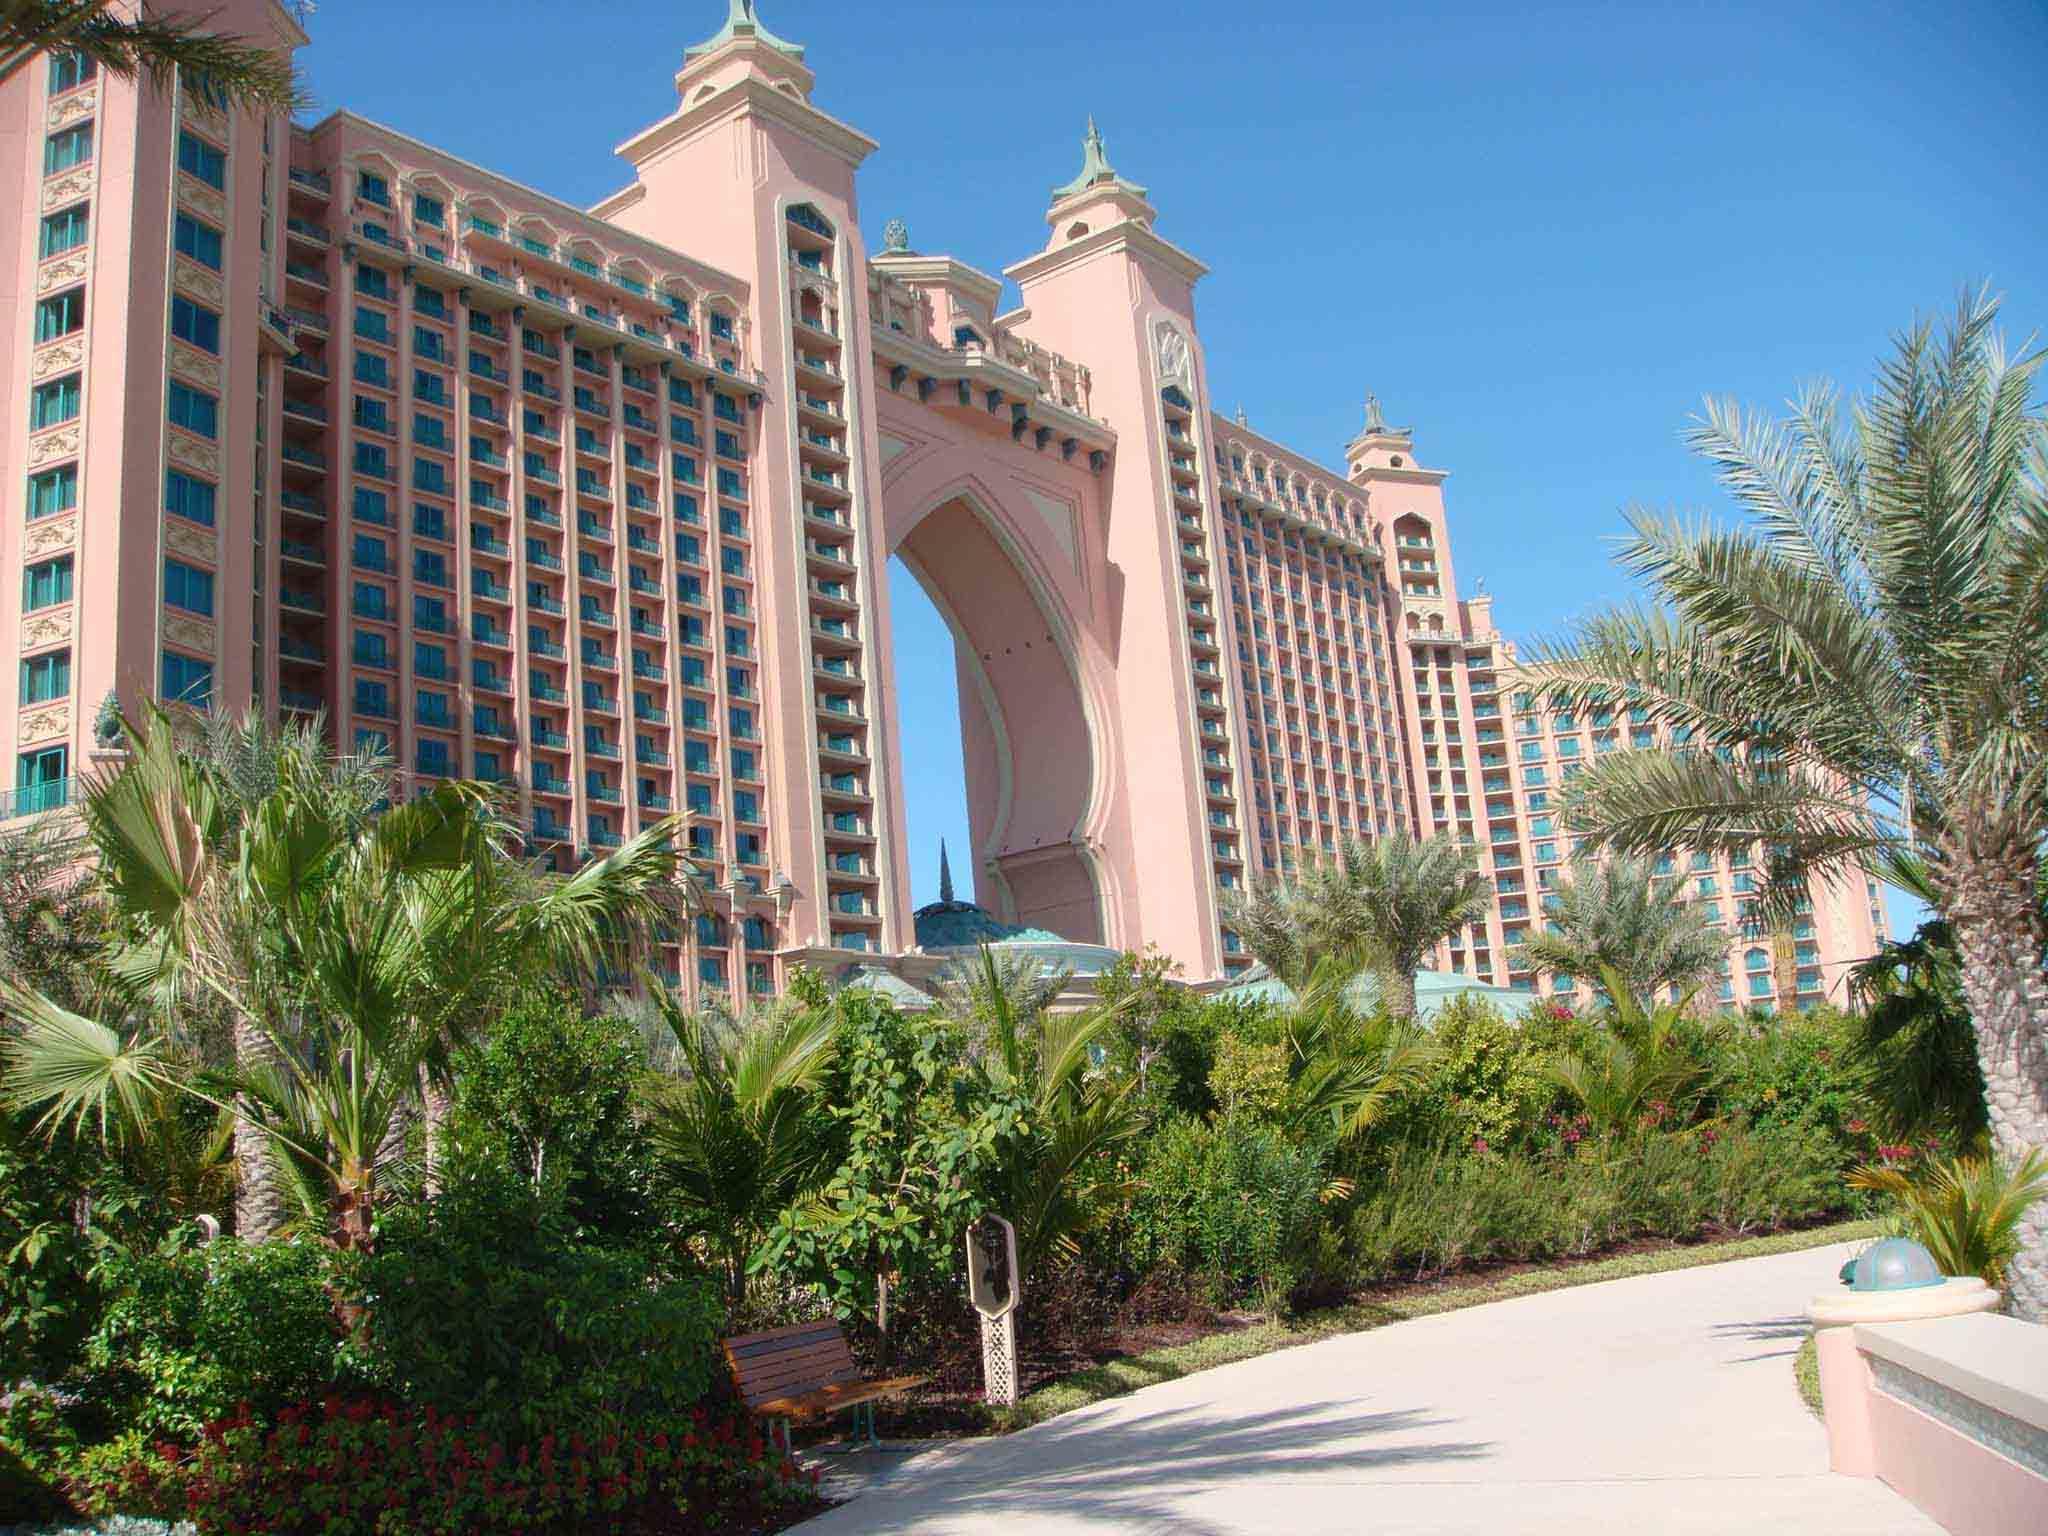 棕榈岛上 亚特兰蒂斯酒店